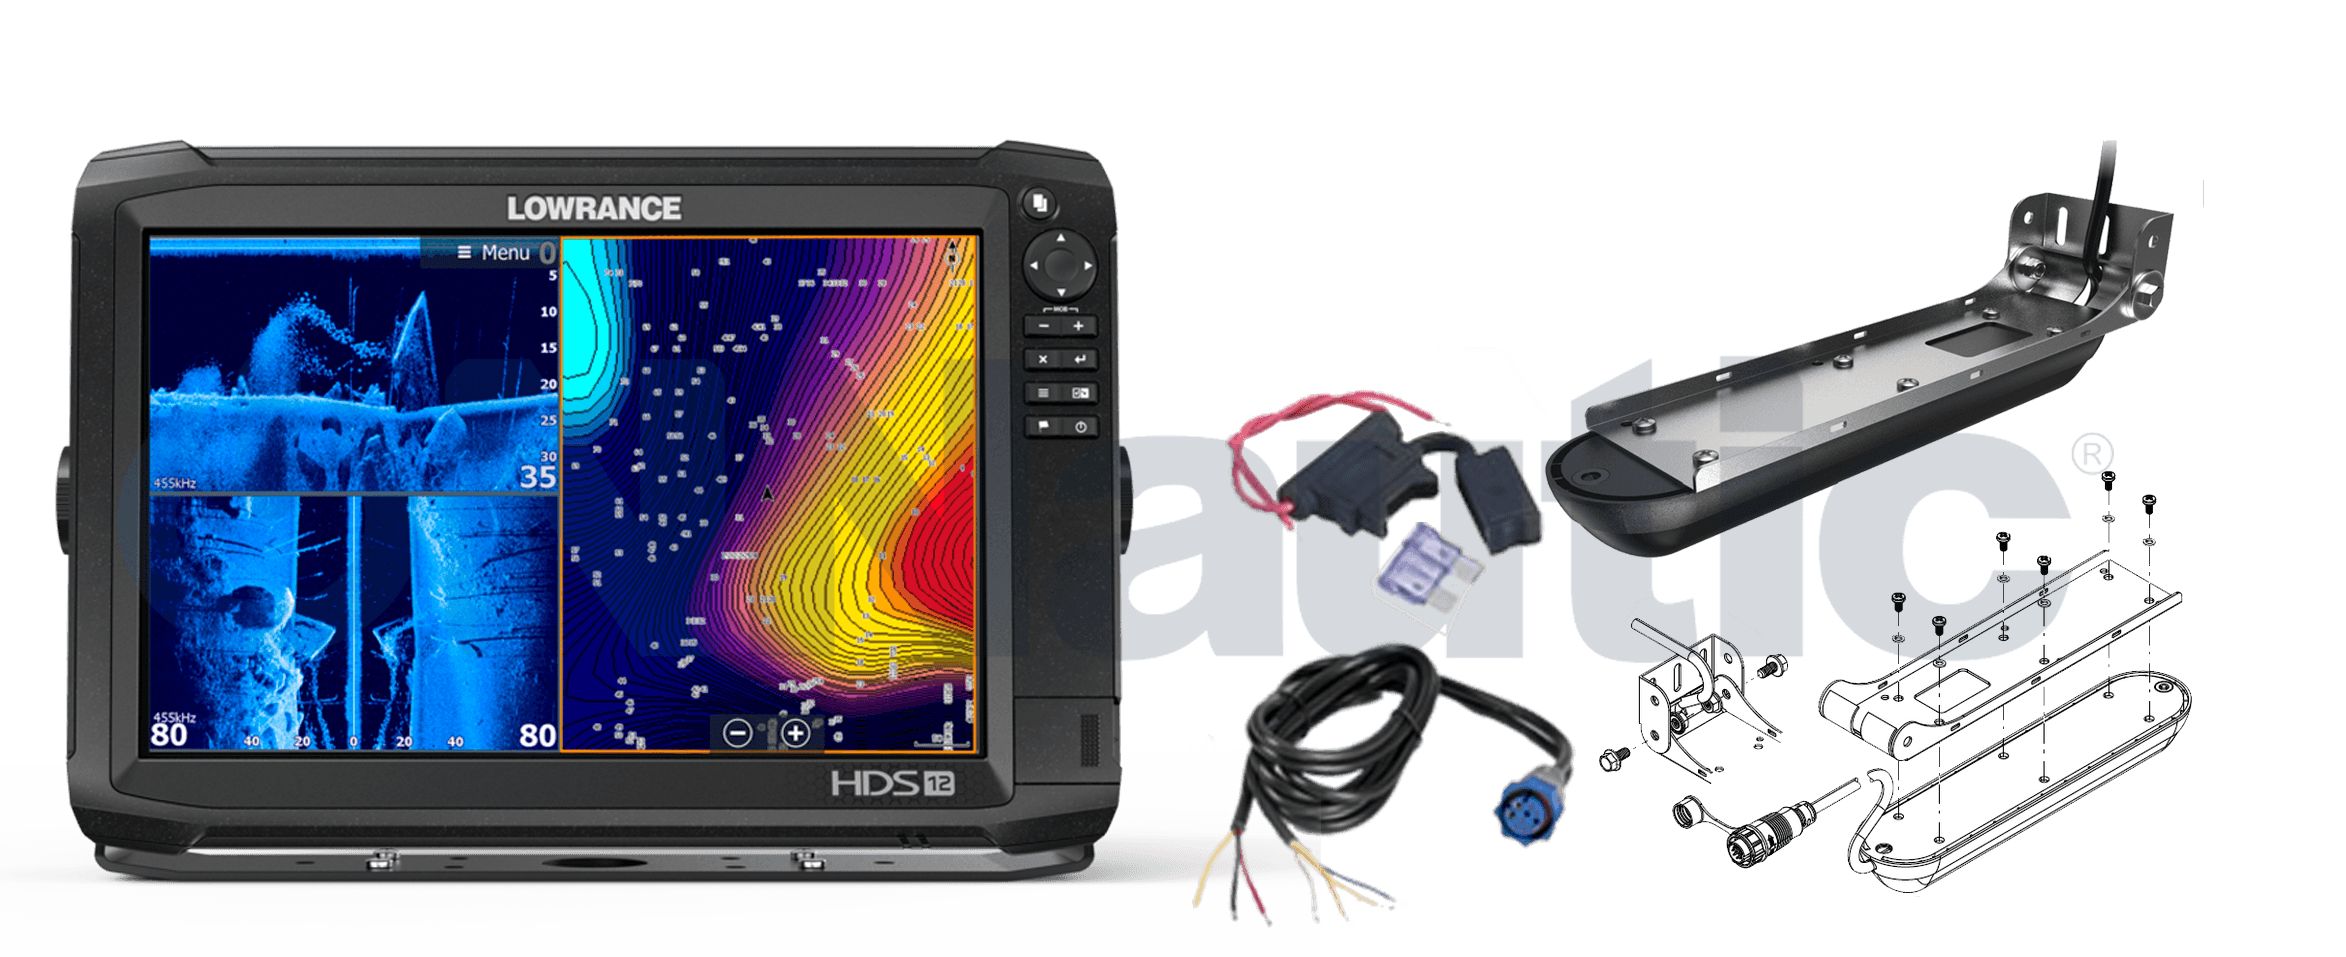 HDS Carbon Active Imaging